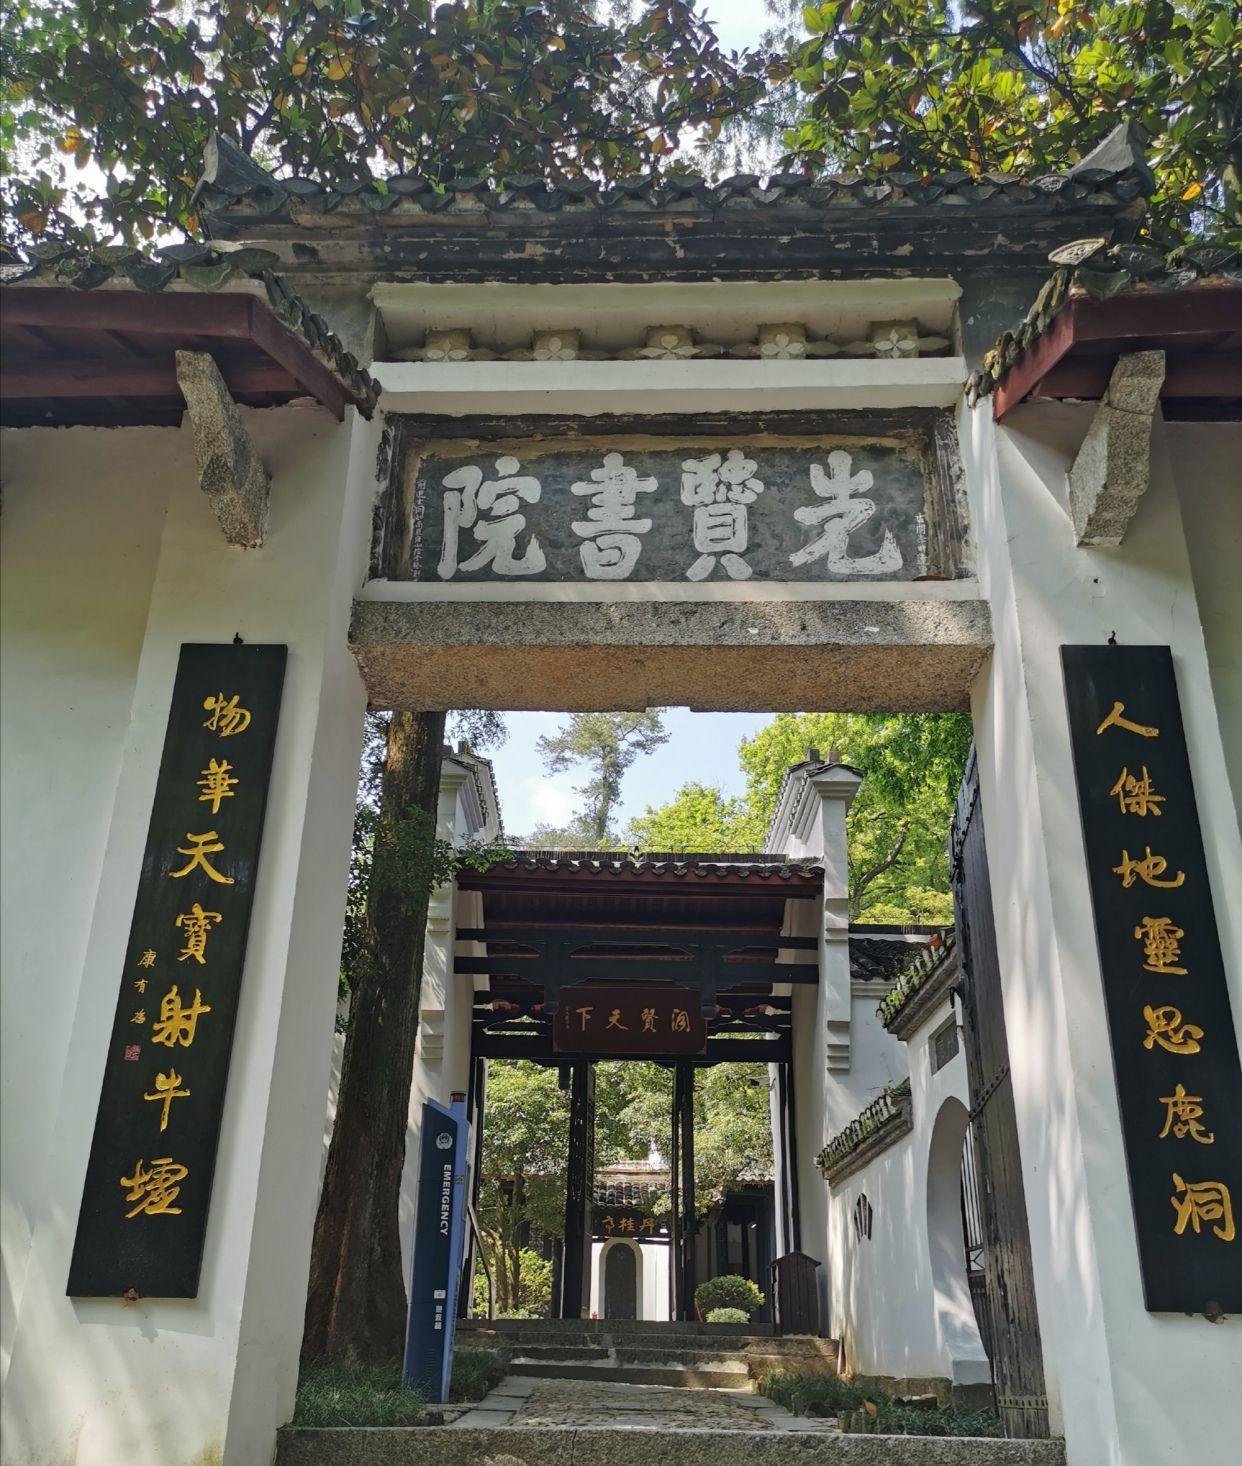 中国四大书院之首—江西九江白鹿洞书院